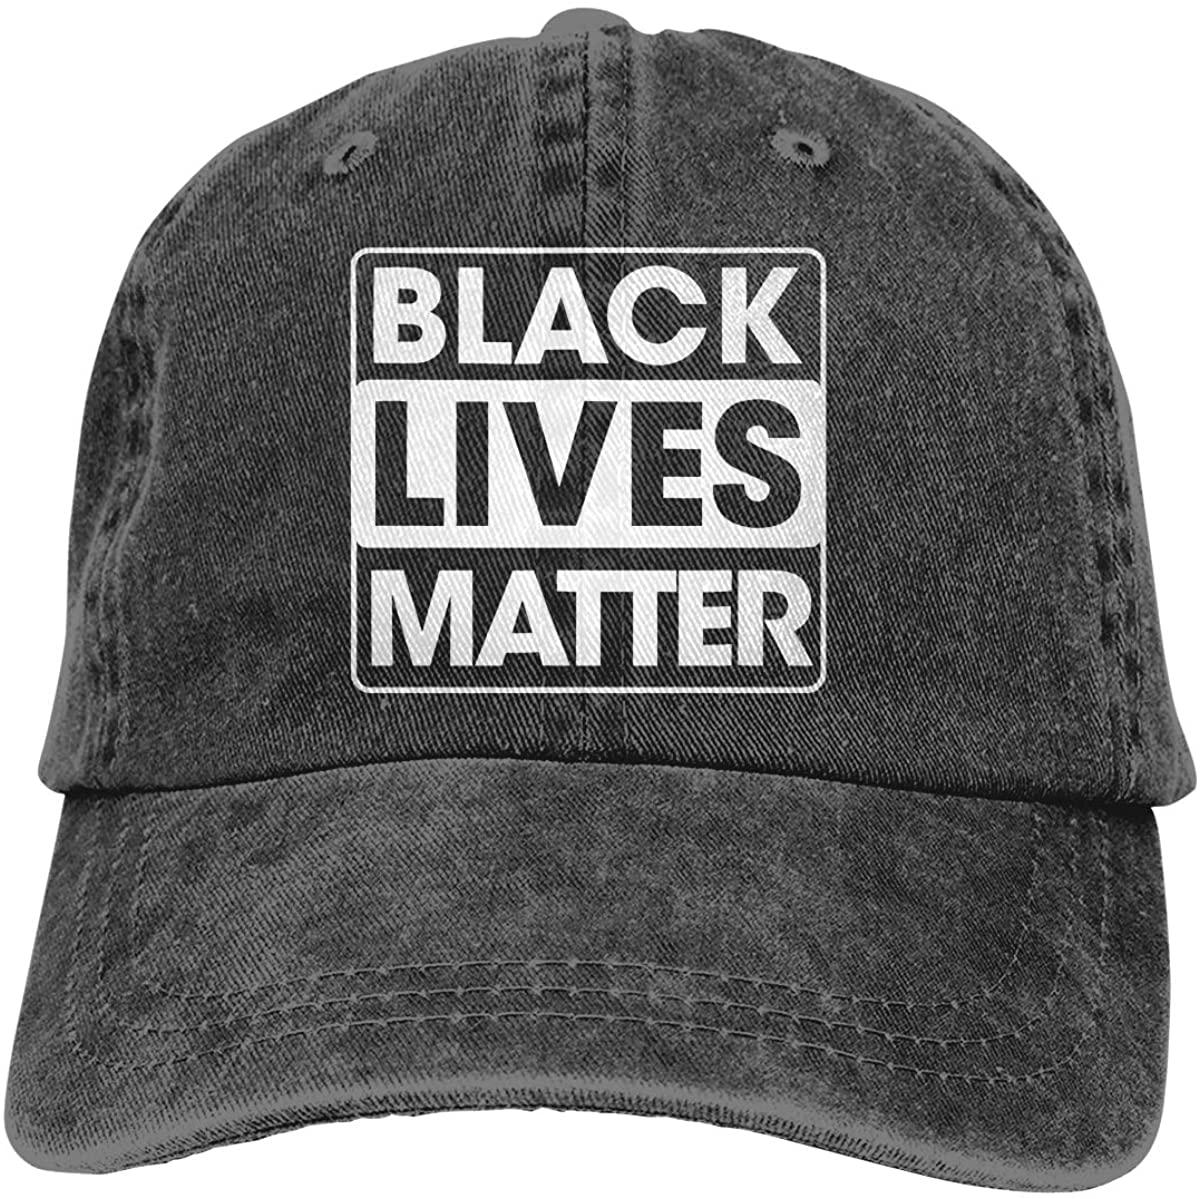 Black Lives Matter Outdoor Sports Hat Adjustable Cowboy Hat